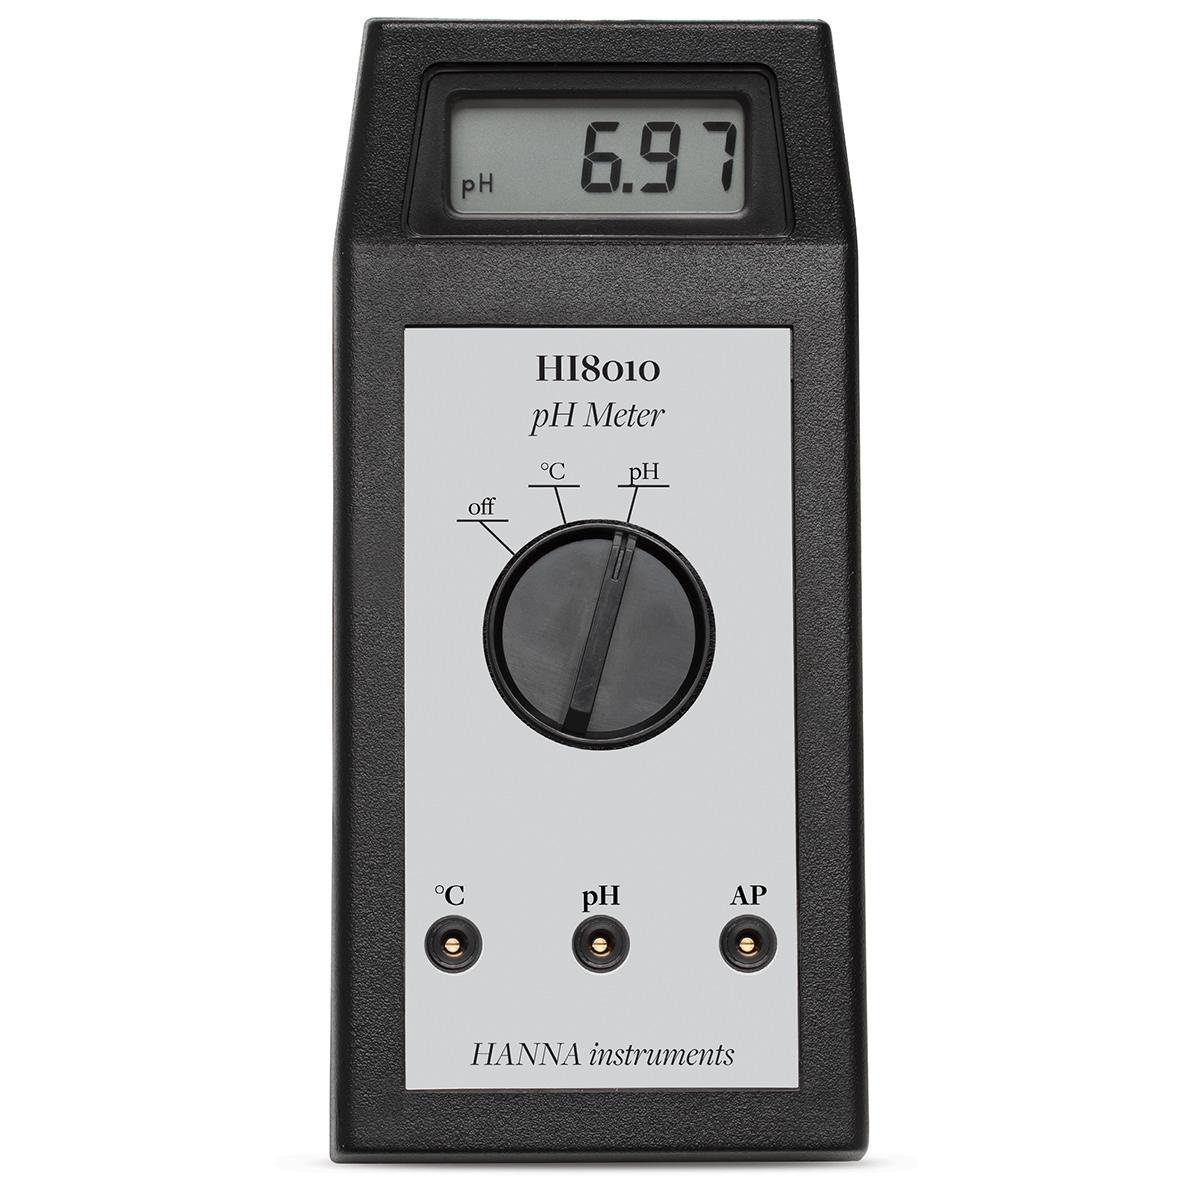 Portable pH Meter - HI8010